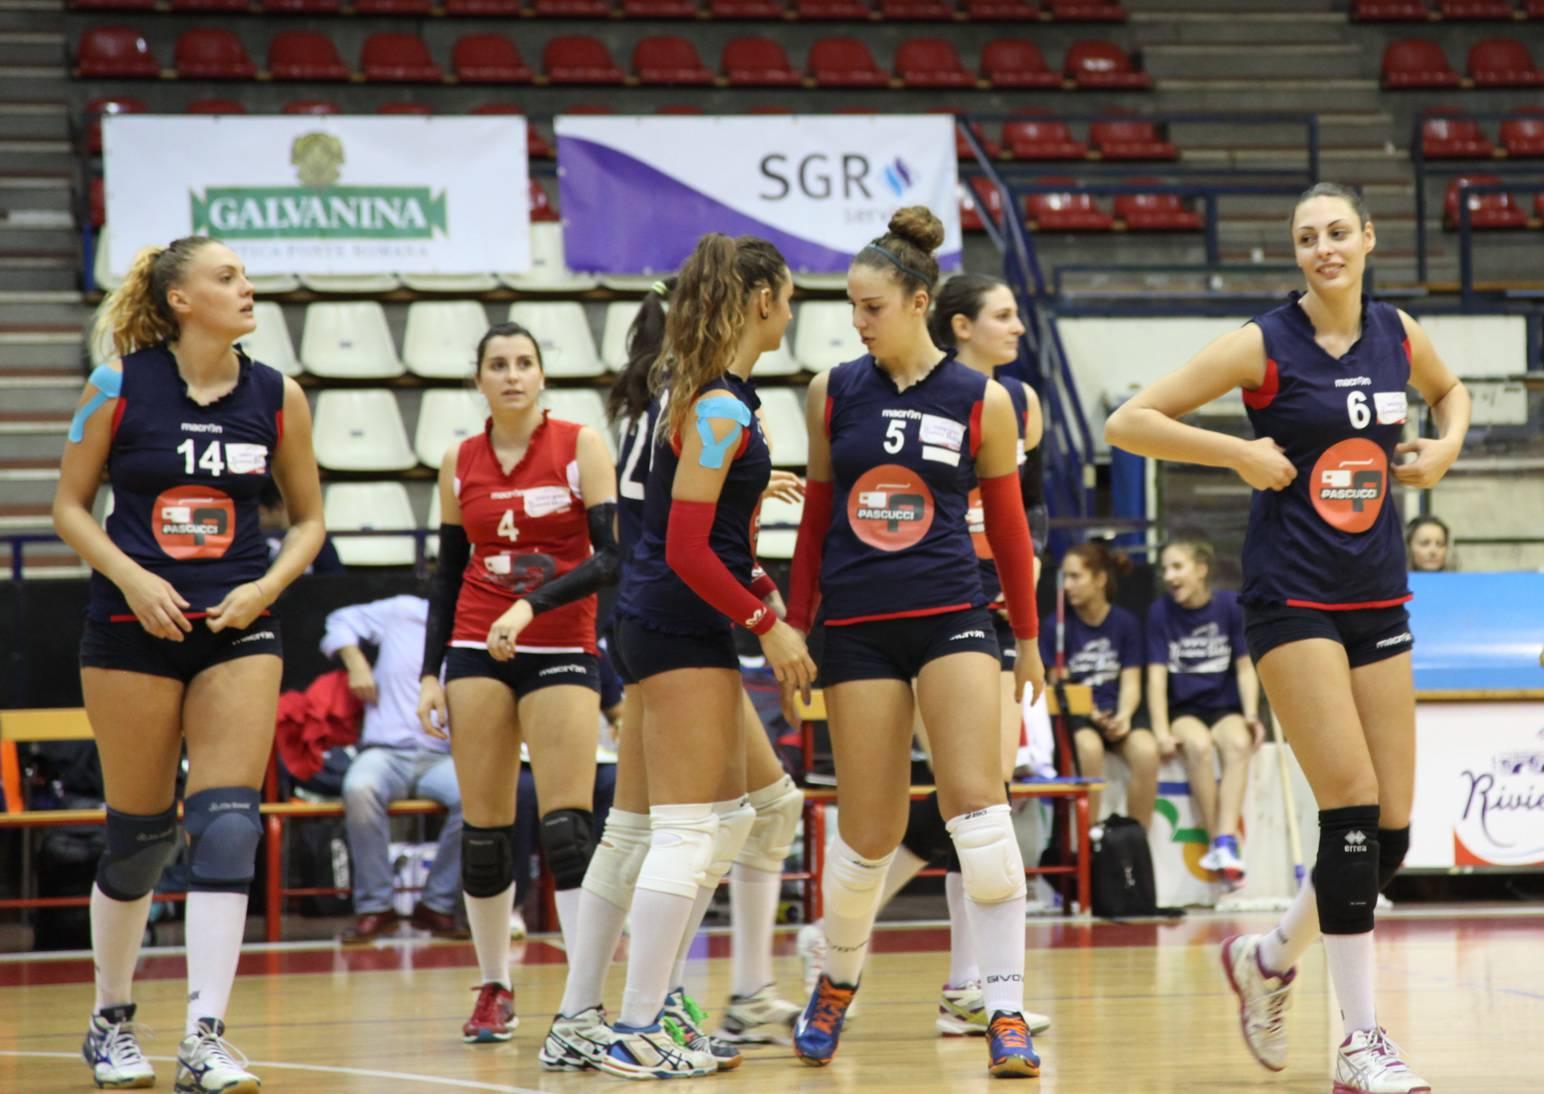 Riviera Volley Rimini-Coveme San Lazzaro Vip